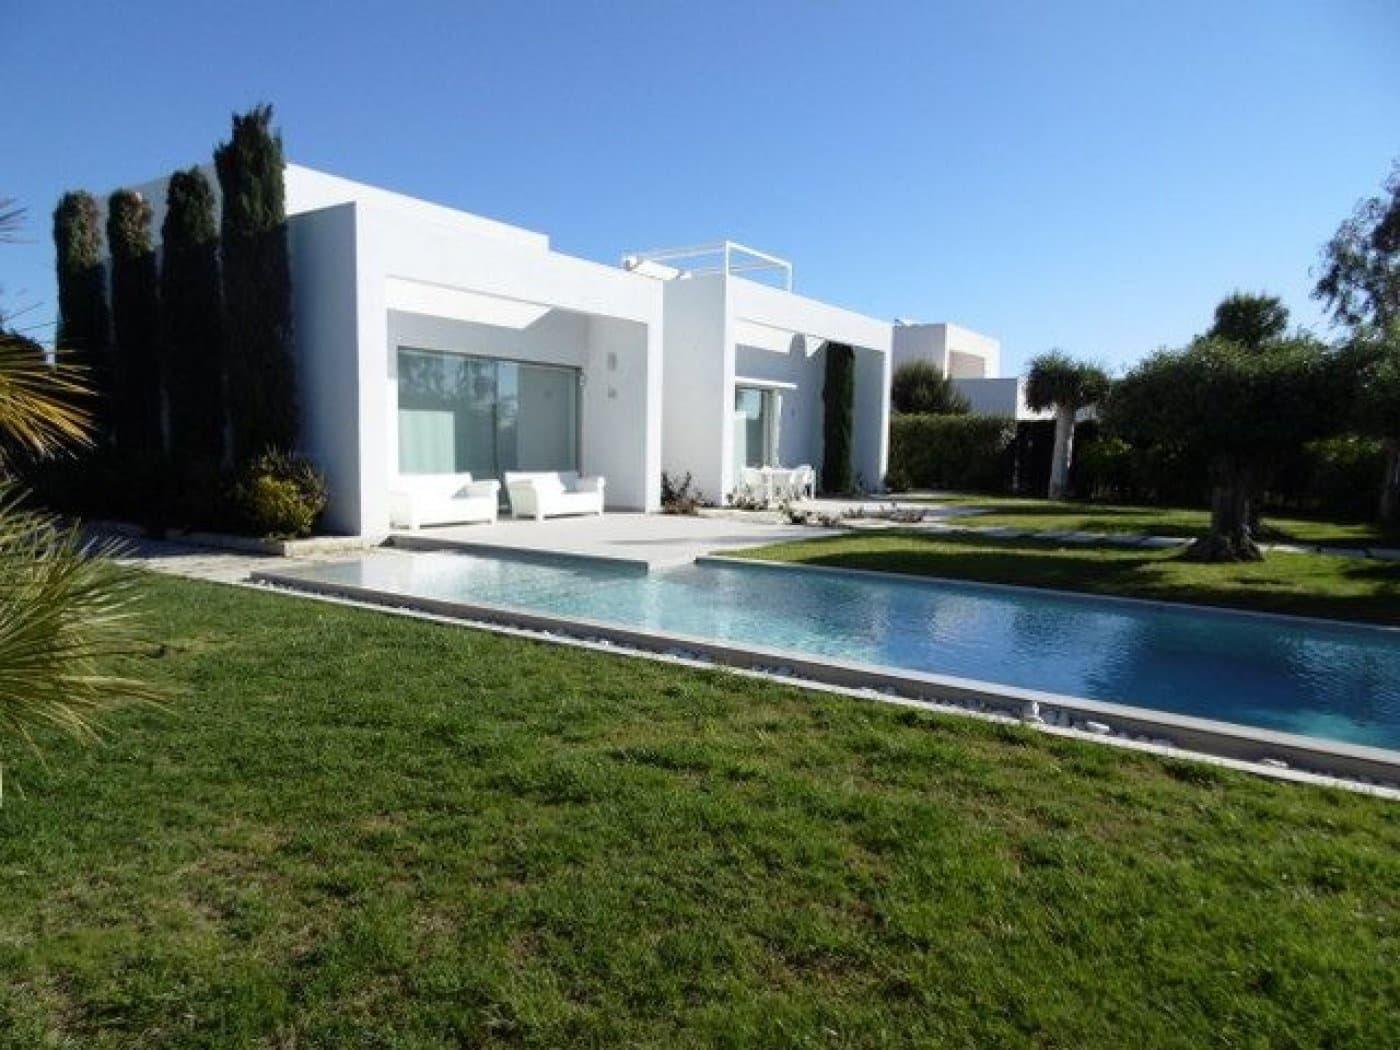 Chalet de 5 habitaciones en Las Colinas Golf en venta con piscina - 950.000 € (Ref: 4955671)